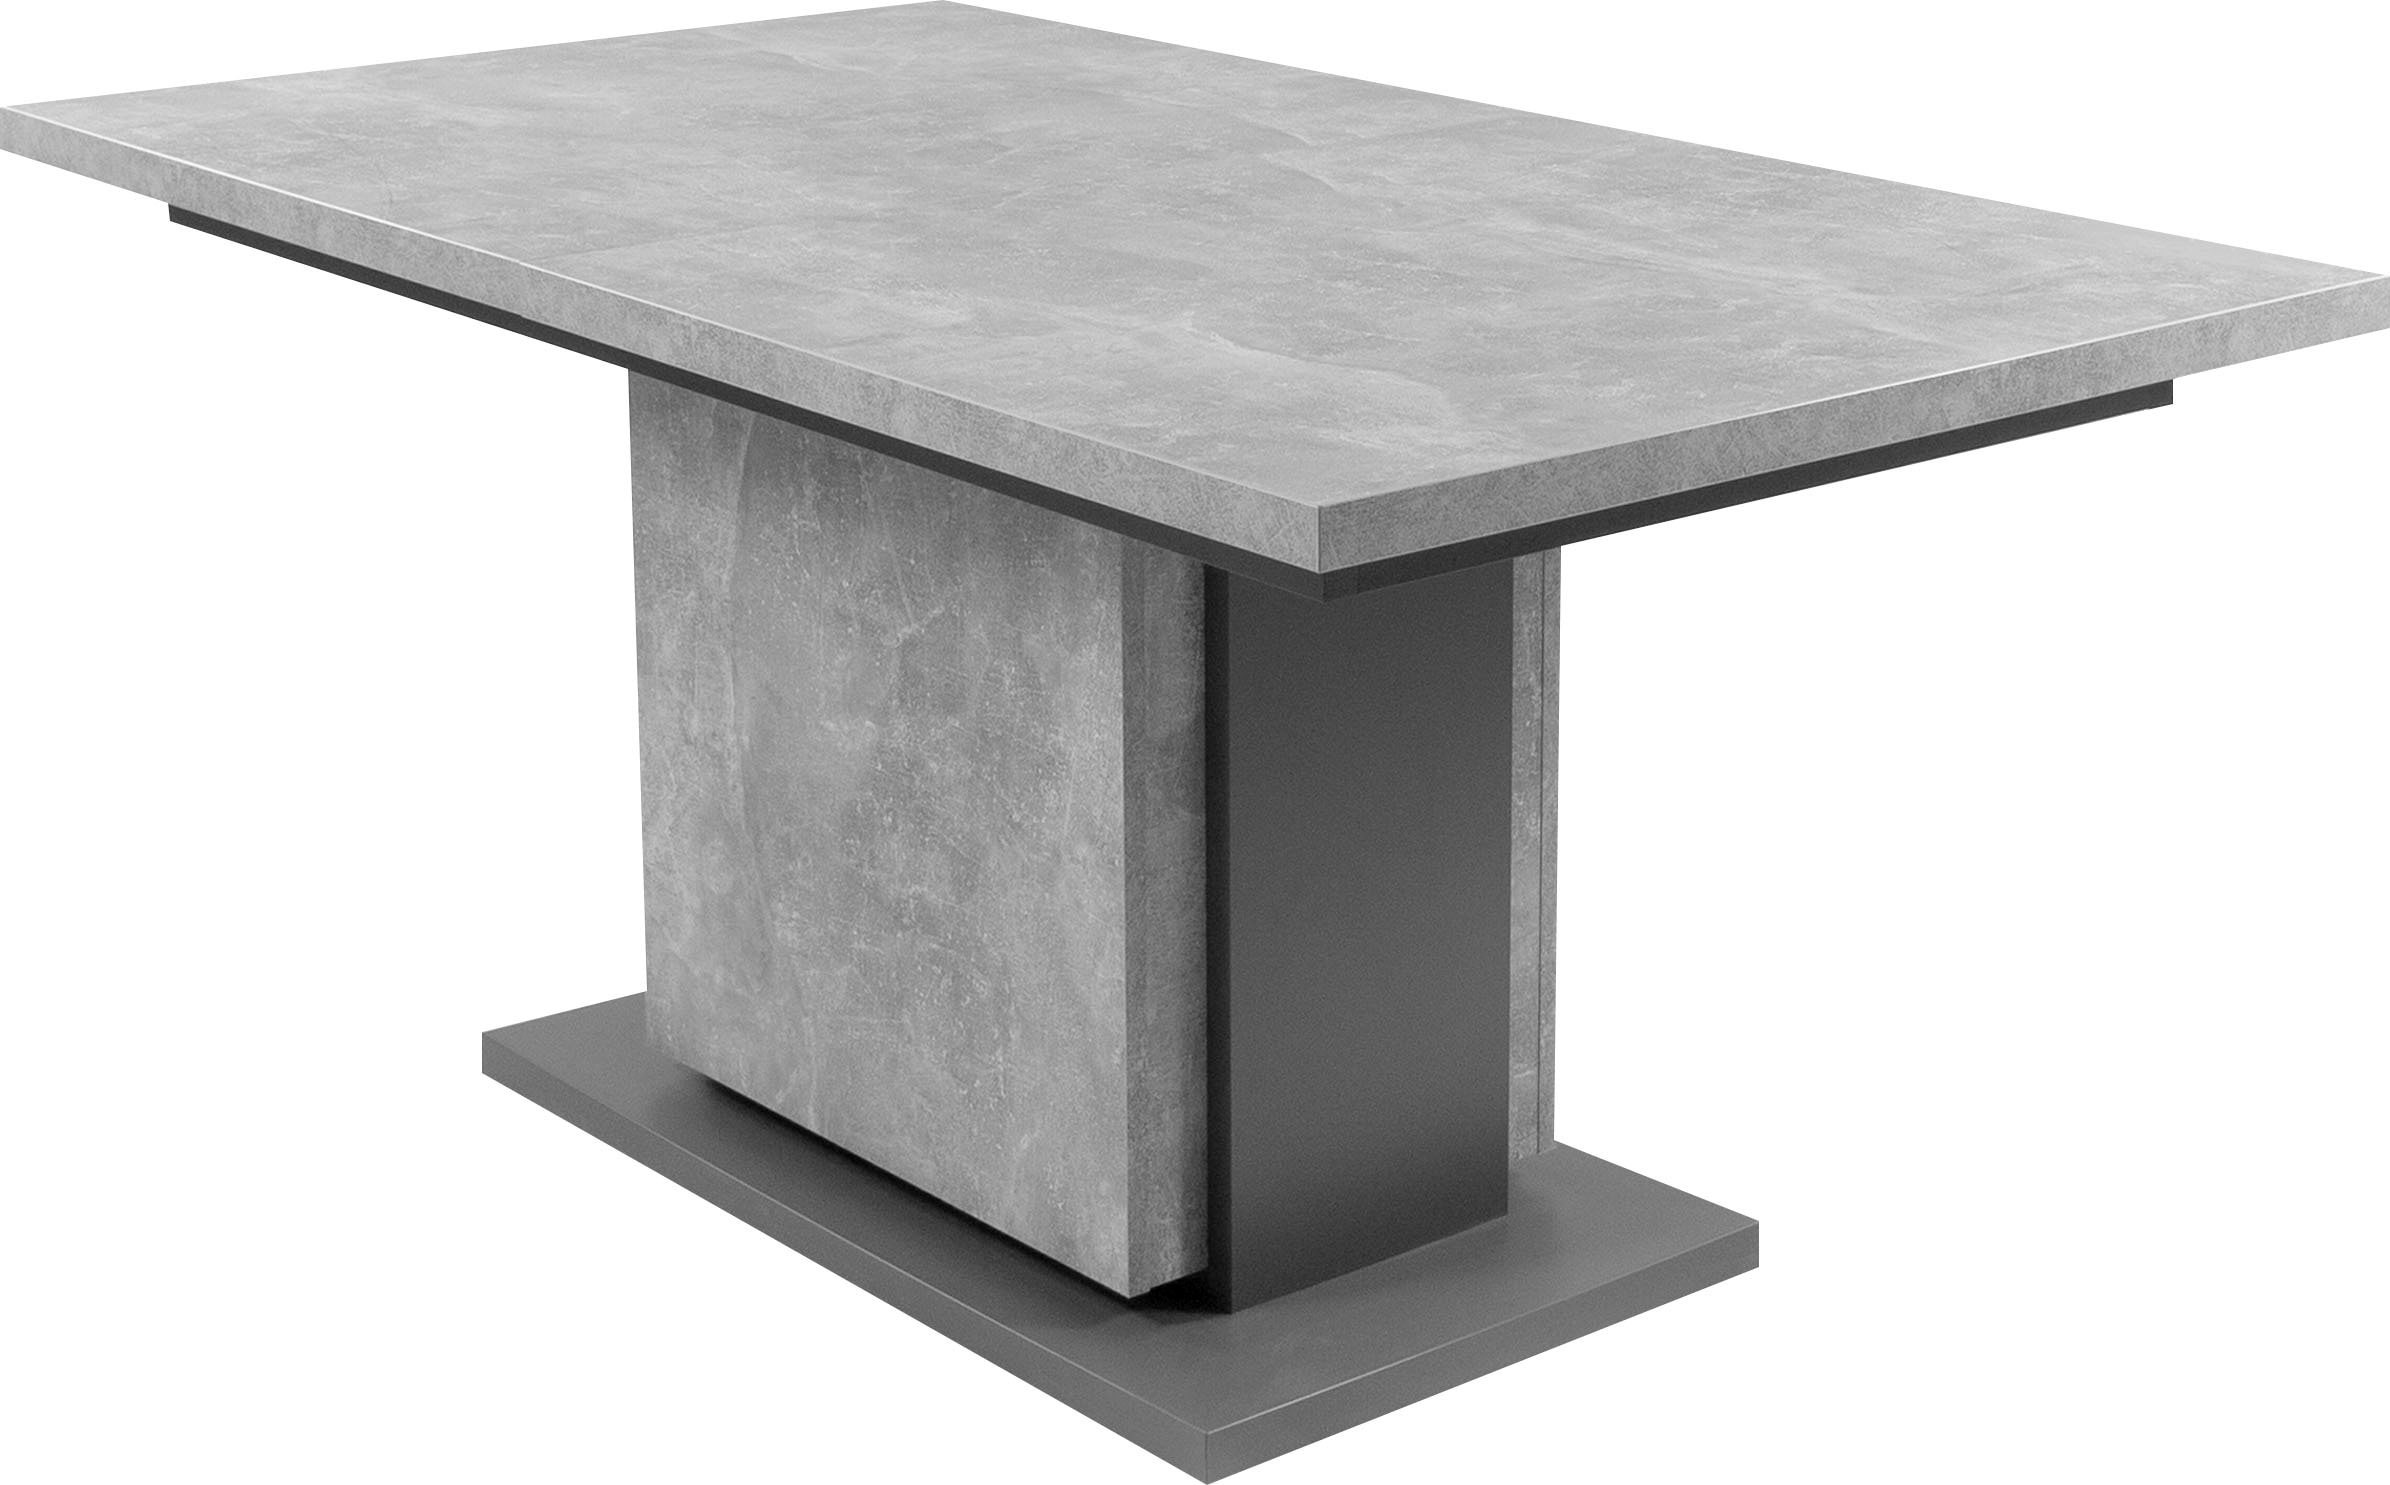 byLIVING Esstisch Britta, mit Auszugsfunktion, in 2 Breiten 140-190 cm oder 160-215 cm, Einlegeplatte im Tisch verstaubar grau Holz-Esstische Holztische Tische